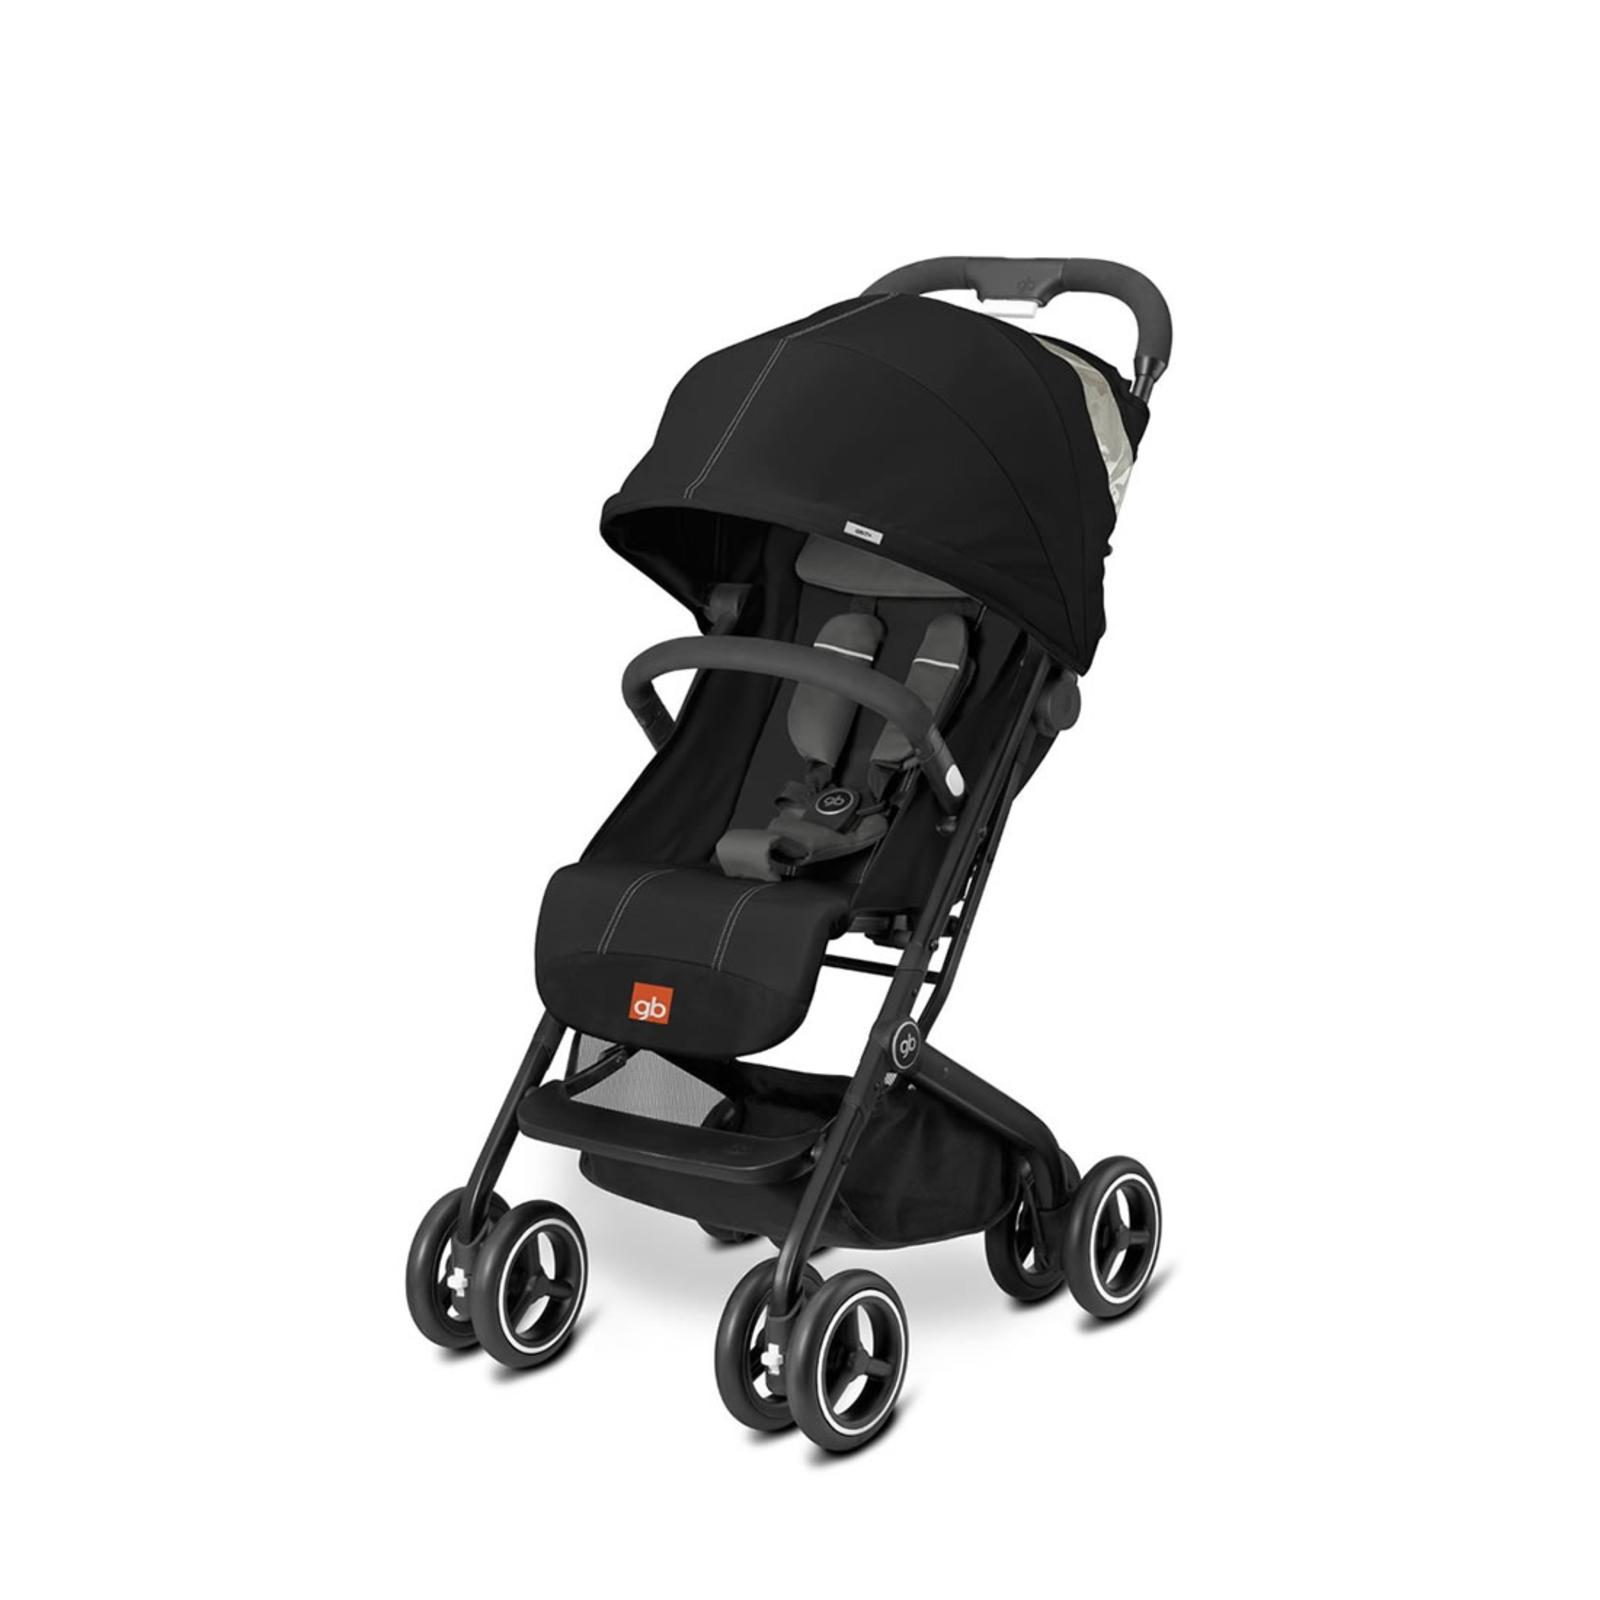 Carrinho de Bebê Travel System Qbit GB Preto Carrinho de